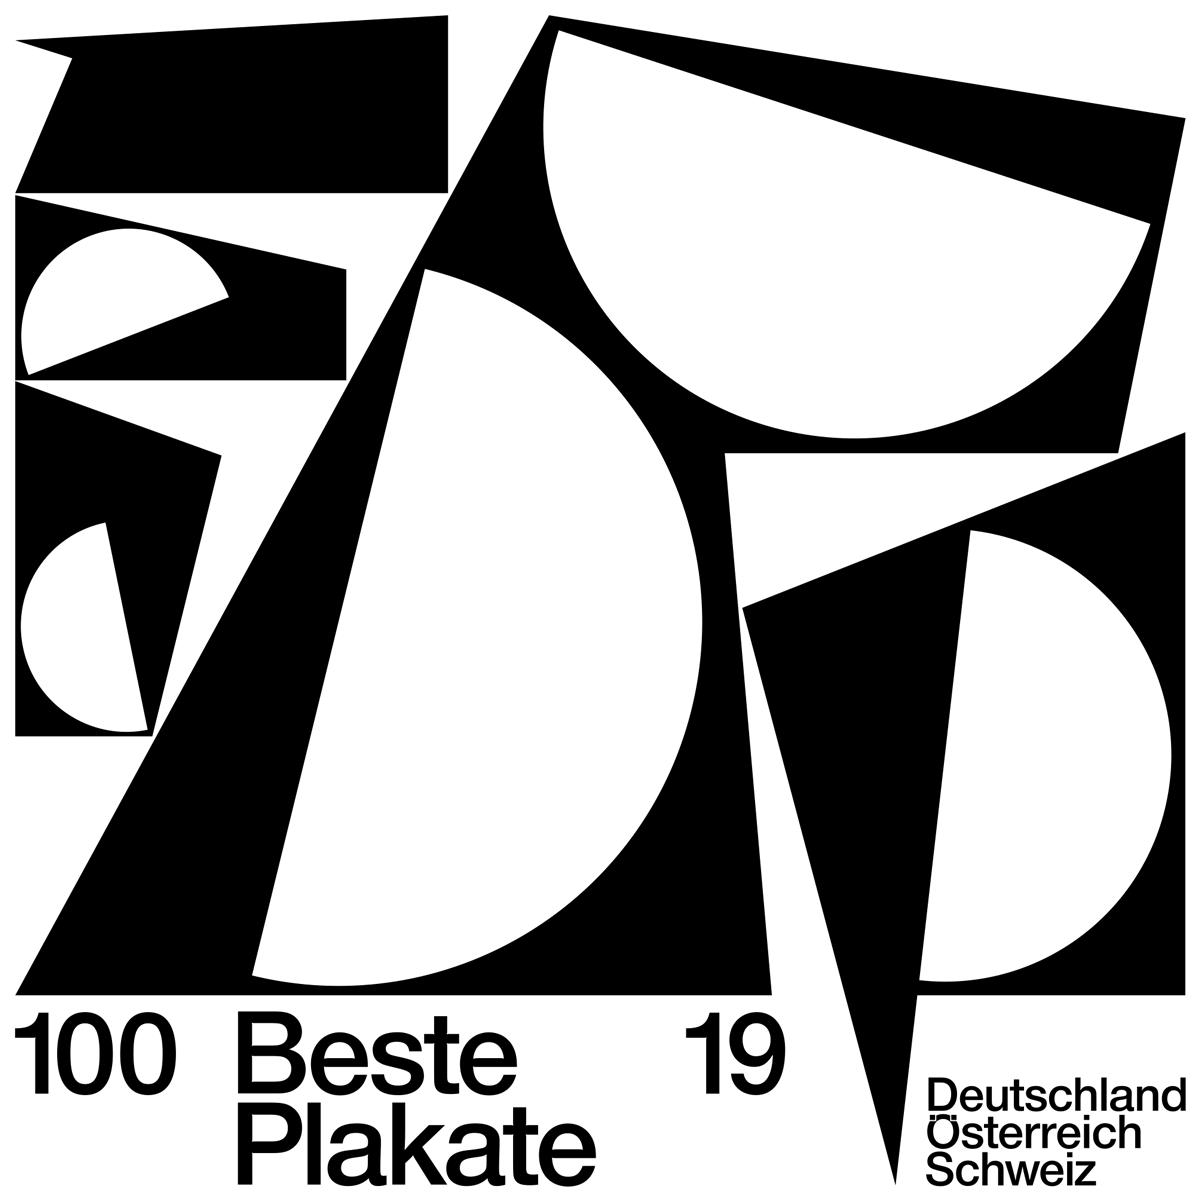 100 beste Plakate 2019